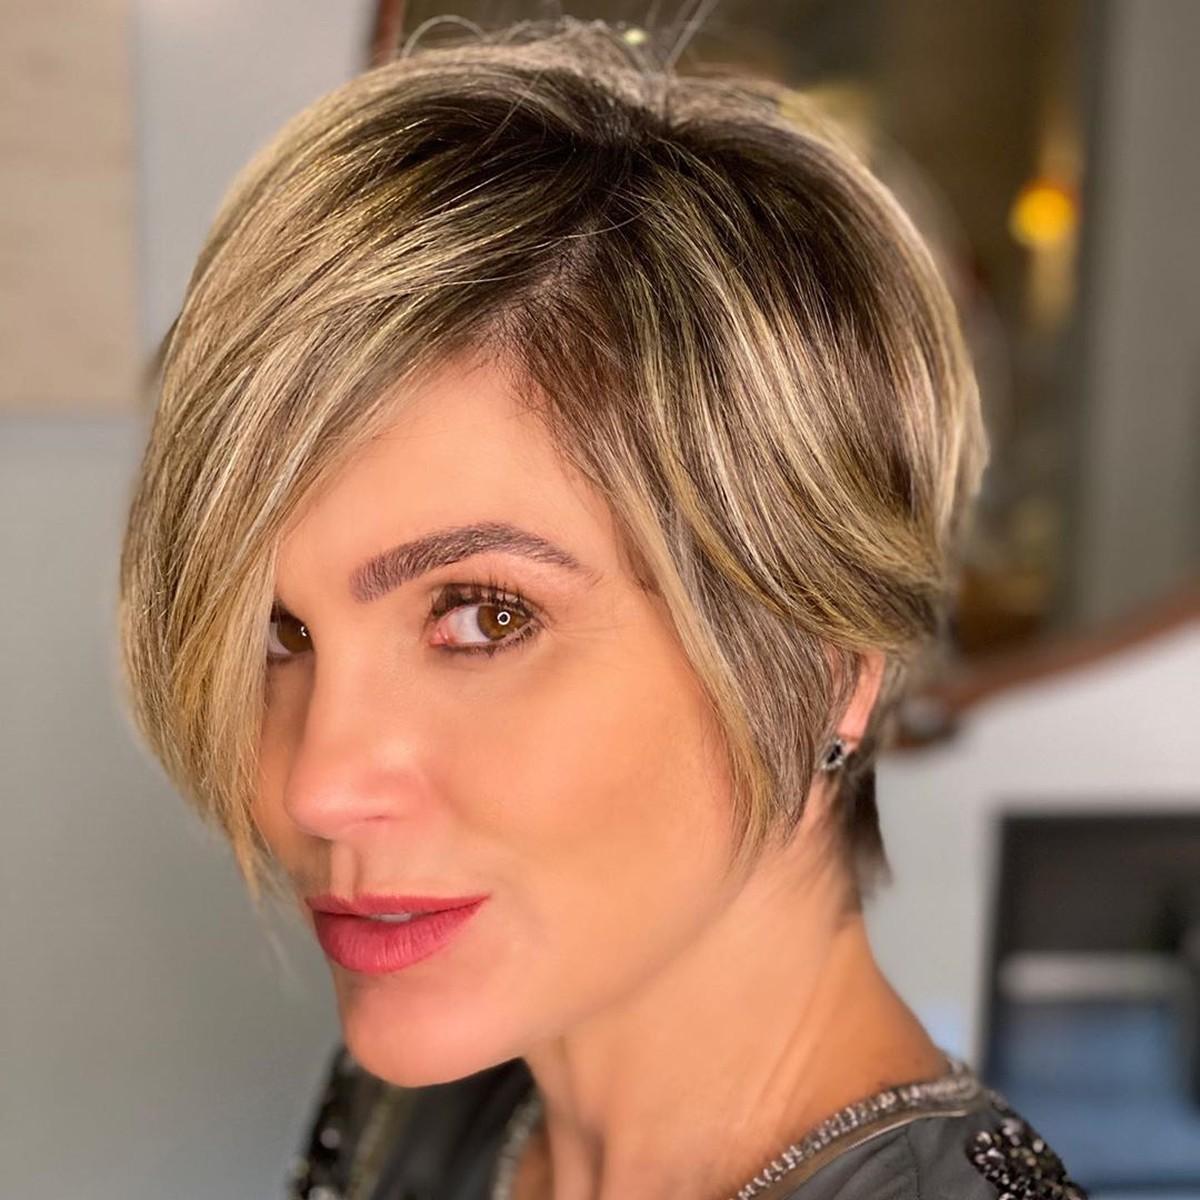 Flávia Alessandra surge de visual novo: 'Saudade de cuidar do cabelo' – gshow